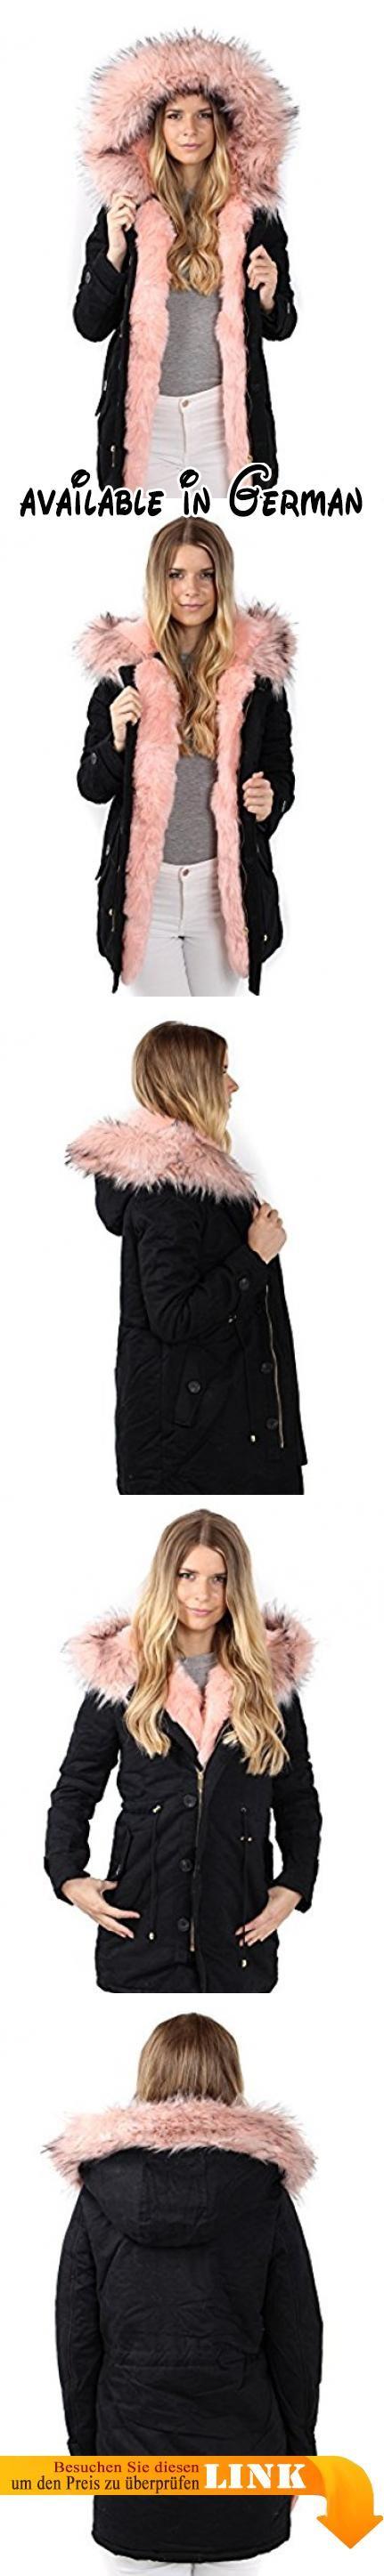 Parka Jacke Blogger Jacke Winter Fell FL7918 Damen Fashion Kunstfell Freshlions, Rosa, Gr. L. Kuschelige Fellblende an der Seite und Kapuze mit Fake Fur großzügig gefüttert (komplett herausnehmbar). Baumwolle; Innematerial Lining aus Polyester. Reißverschluss und Knopf Vorne mit Kordelzug an der Taille für optimale Passform. 5* Qualität und hochwertig verarbeitet. Unser Model ist 1,72m groß, hat normal eine Kleidungsgröße von 34/36 und trägt auf den Bildern Gr.